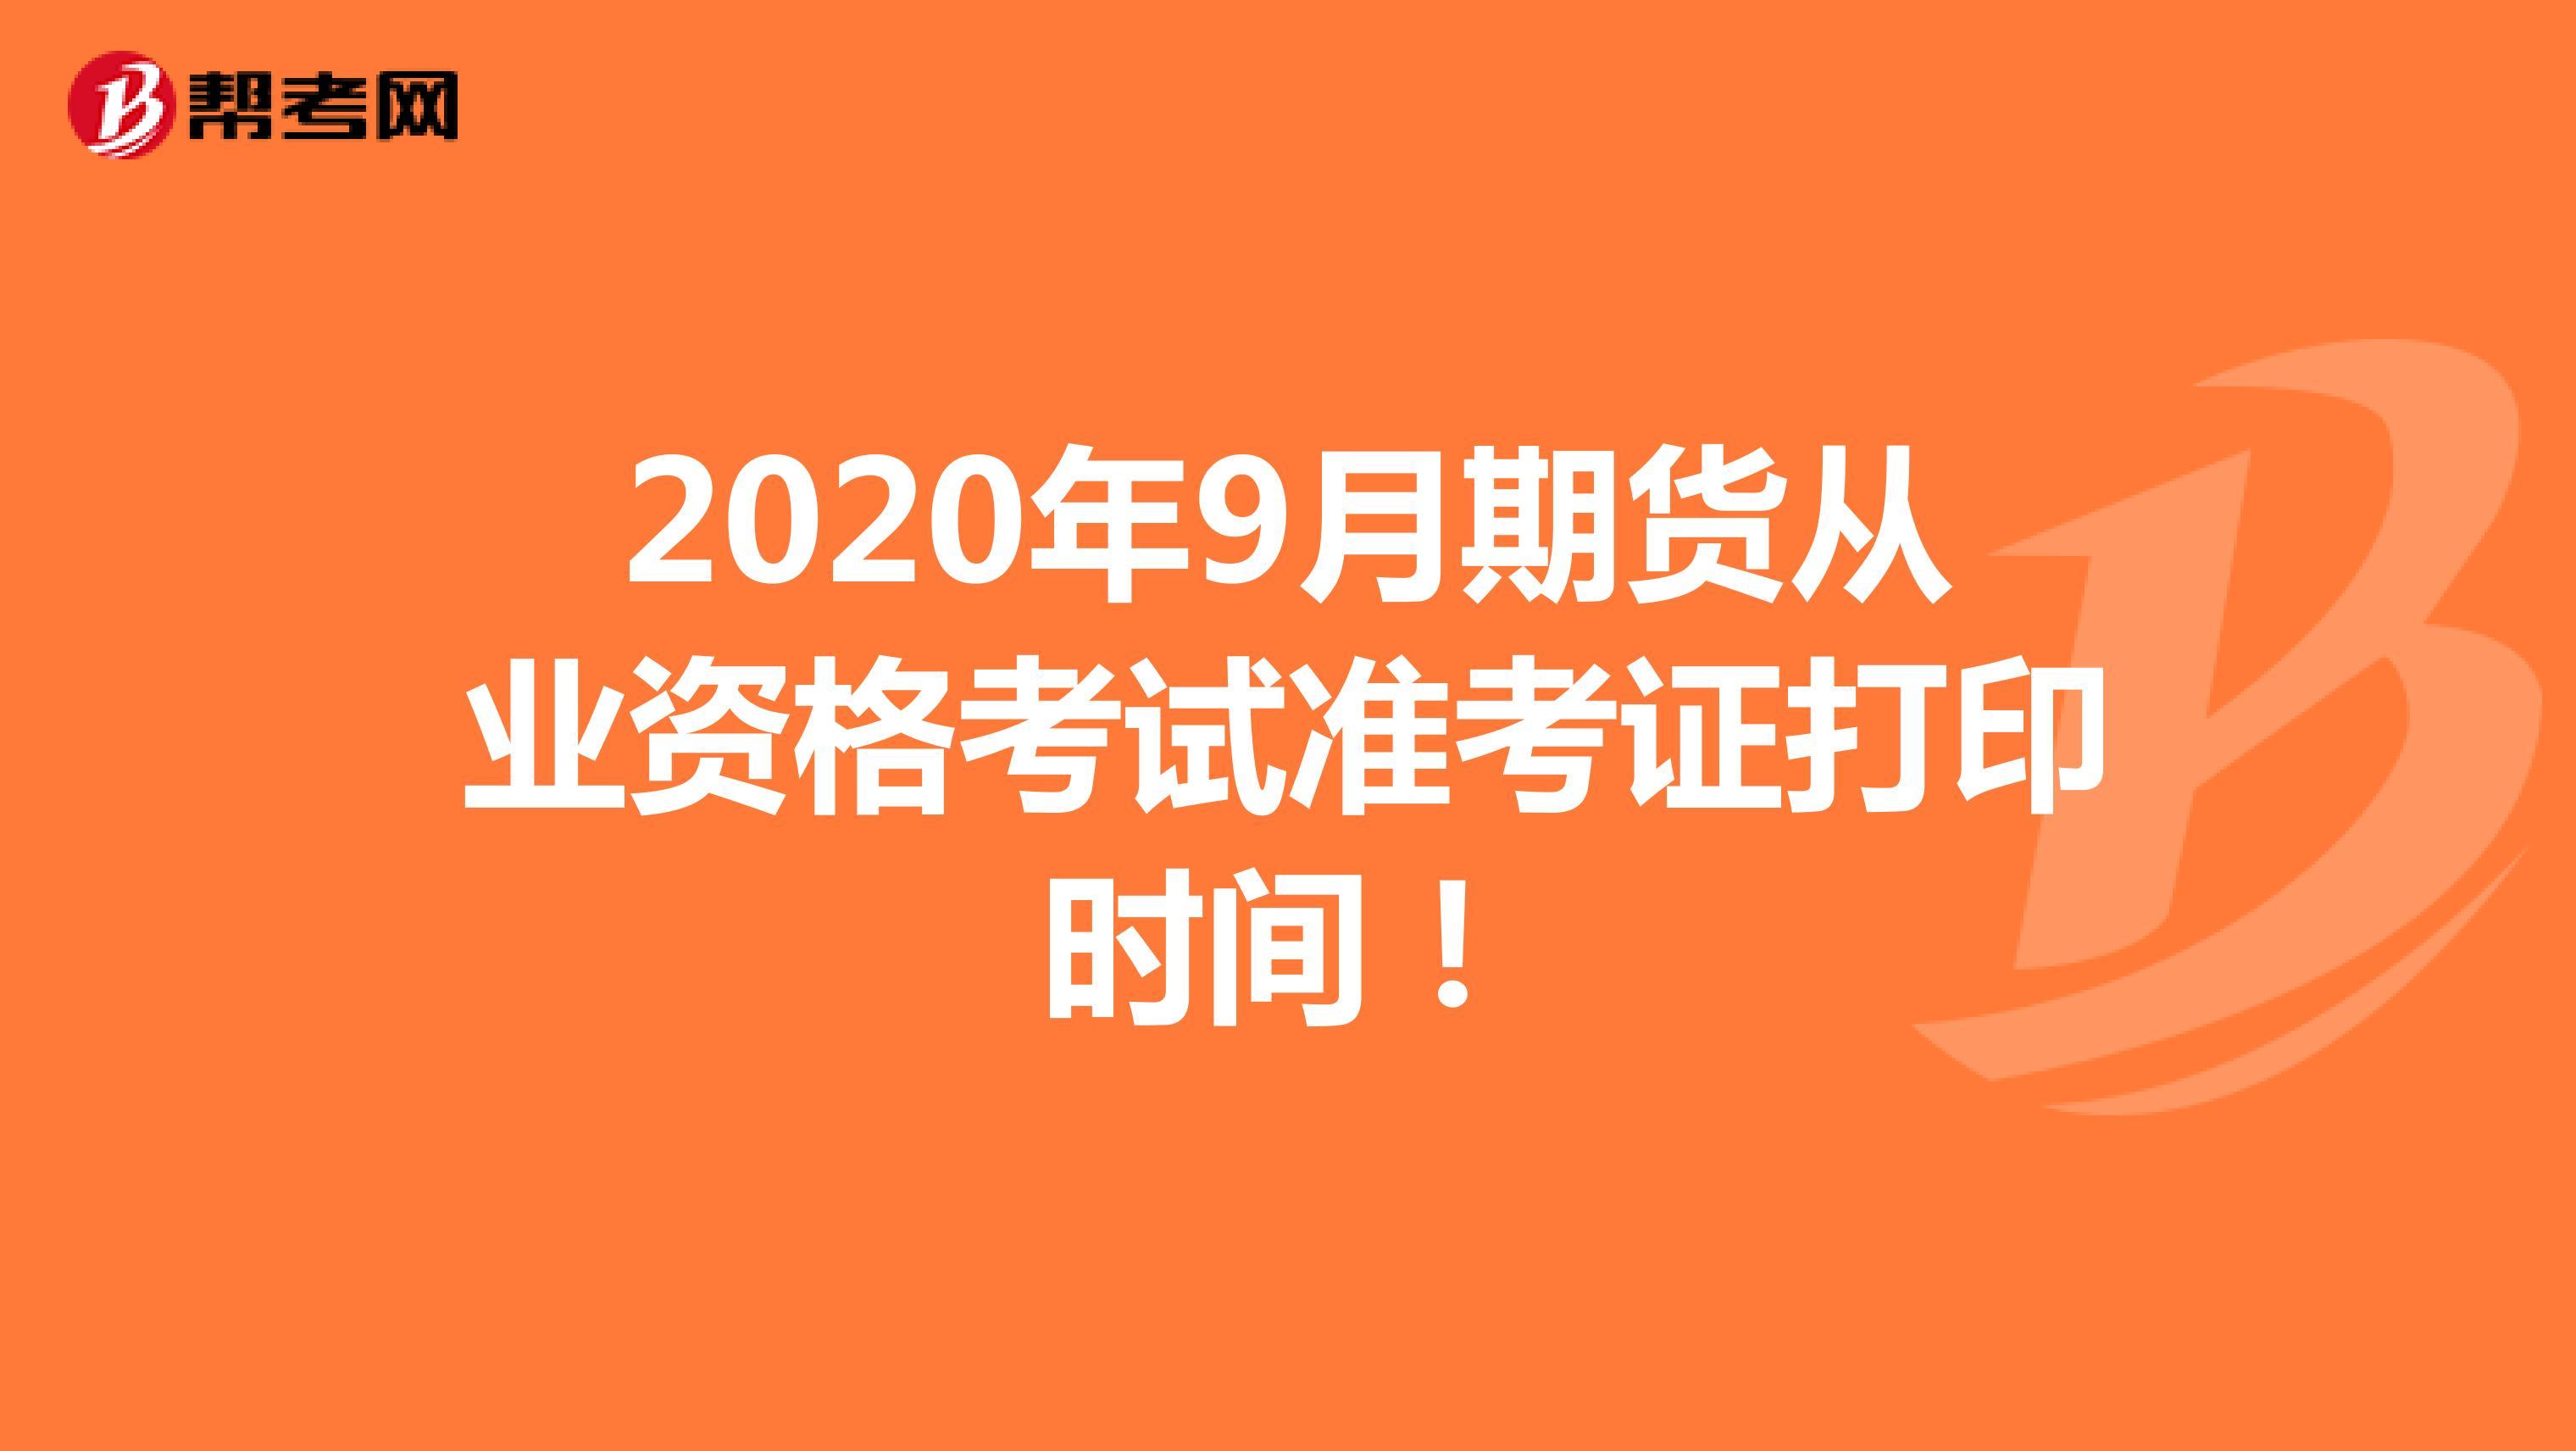 2020年9月期货从业资格考试准考证打印时间!